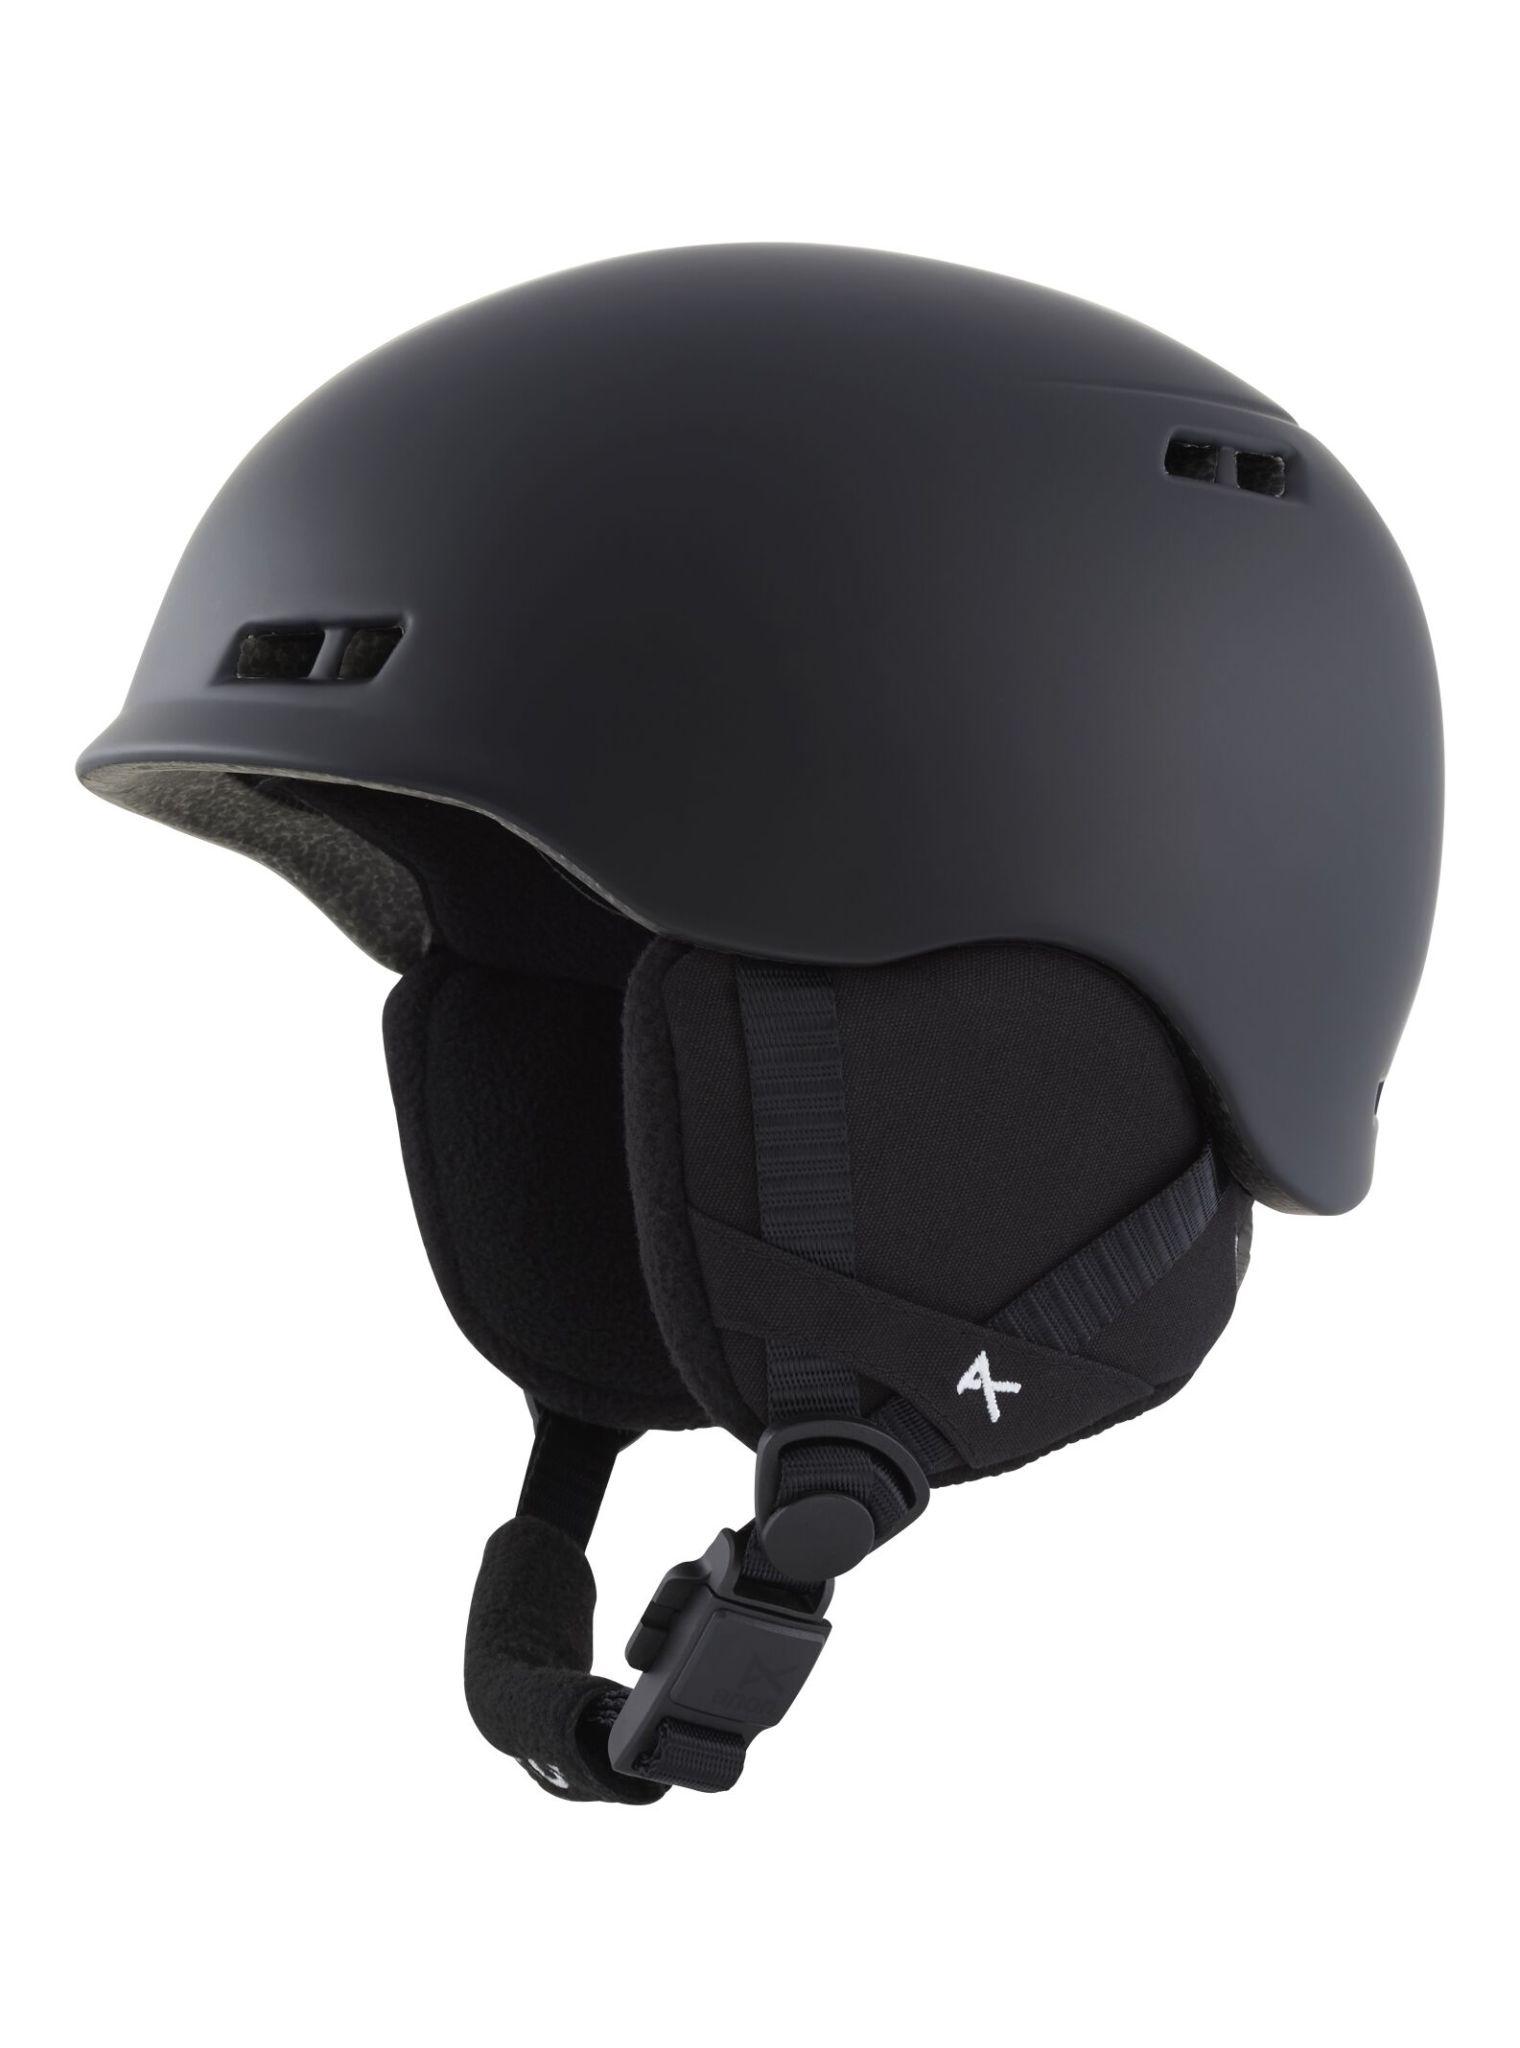 Anon. Anon Kids Burner Snow Helmet